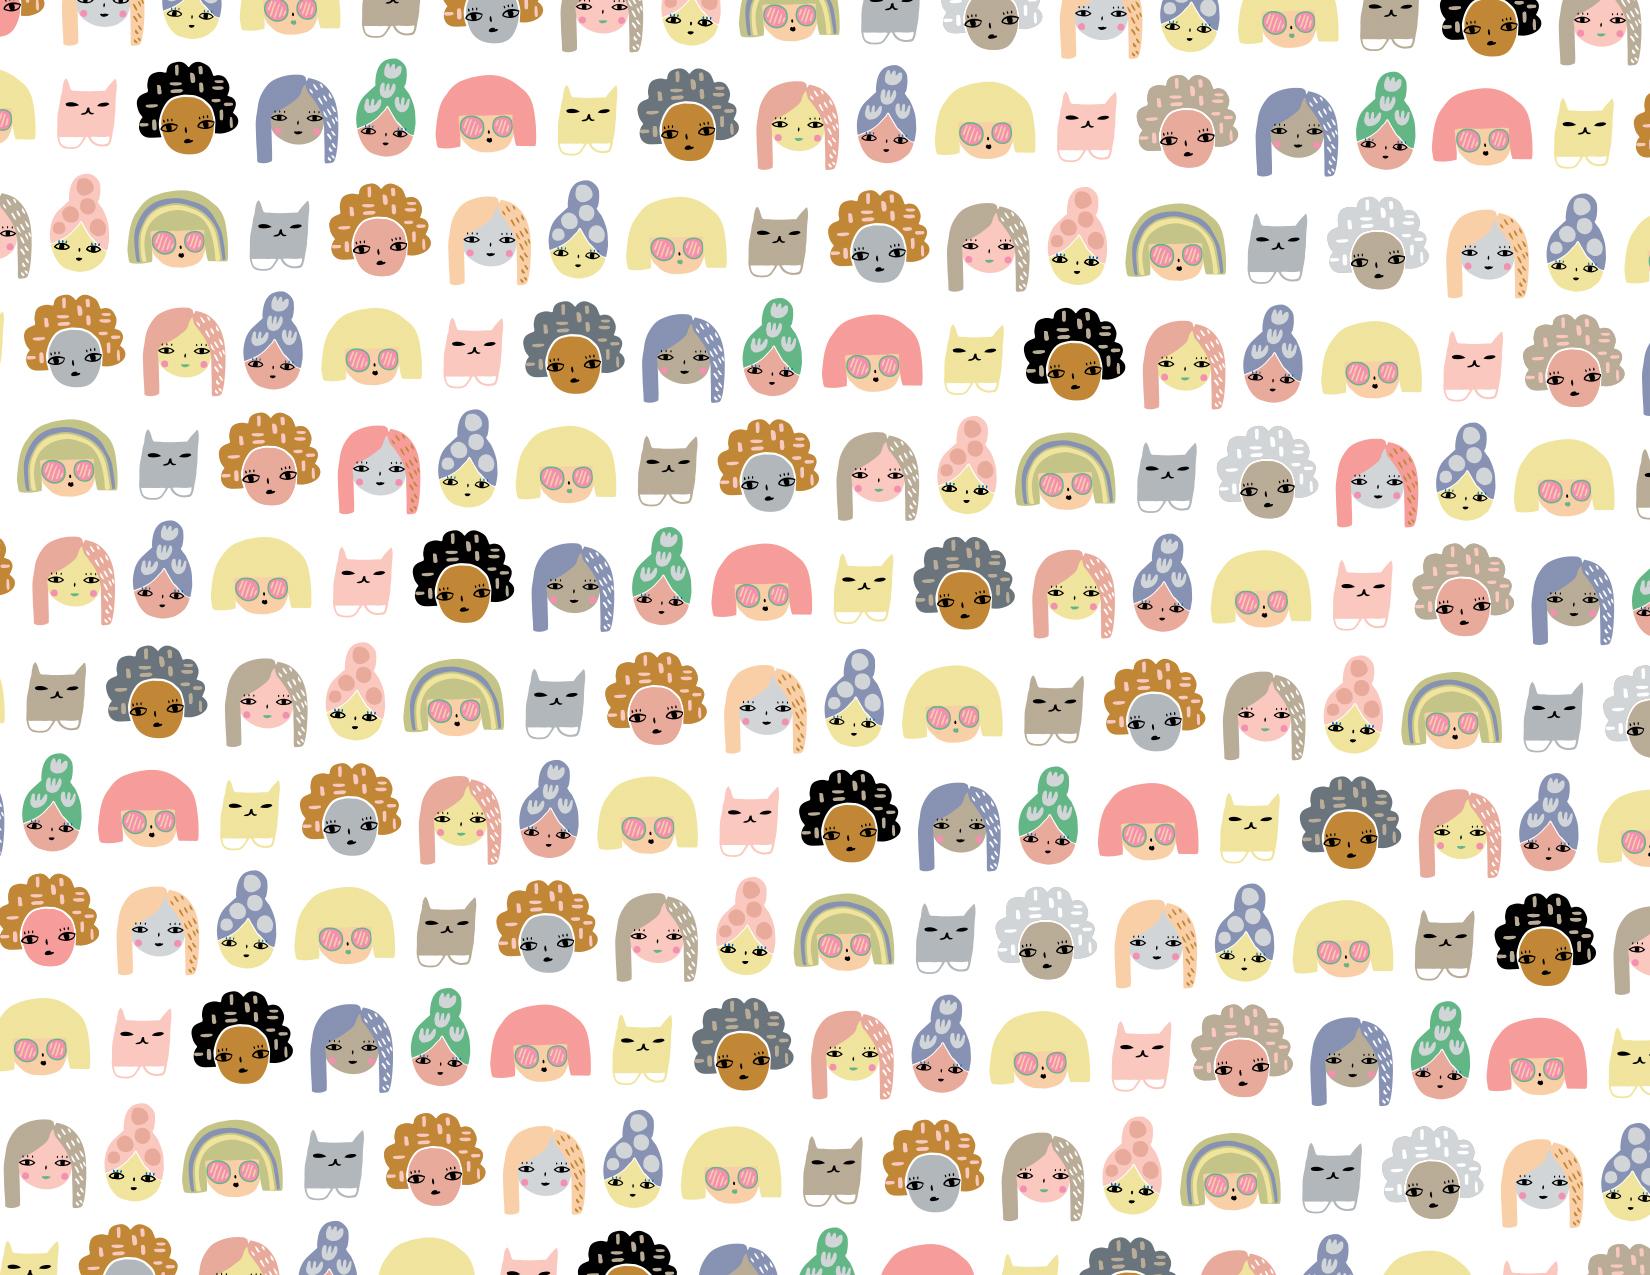 suzyu_RainbowGirls.jpg